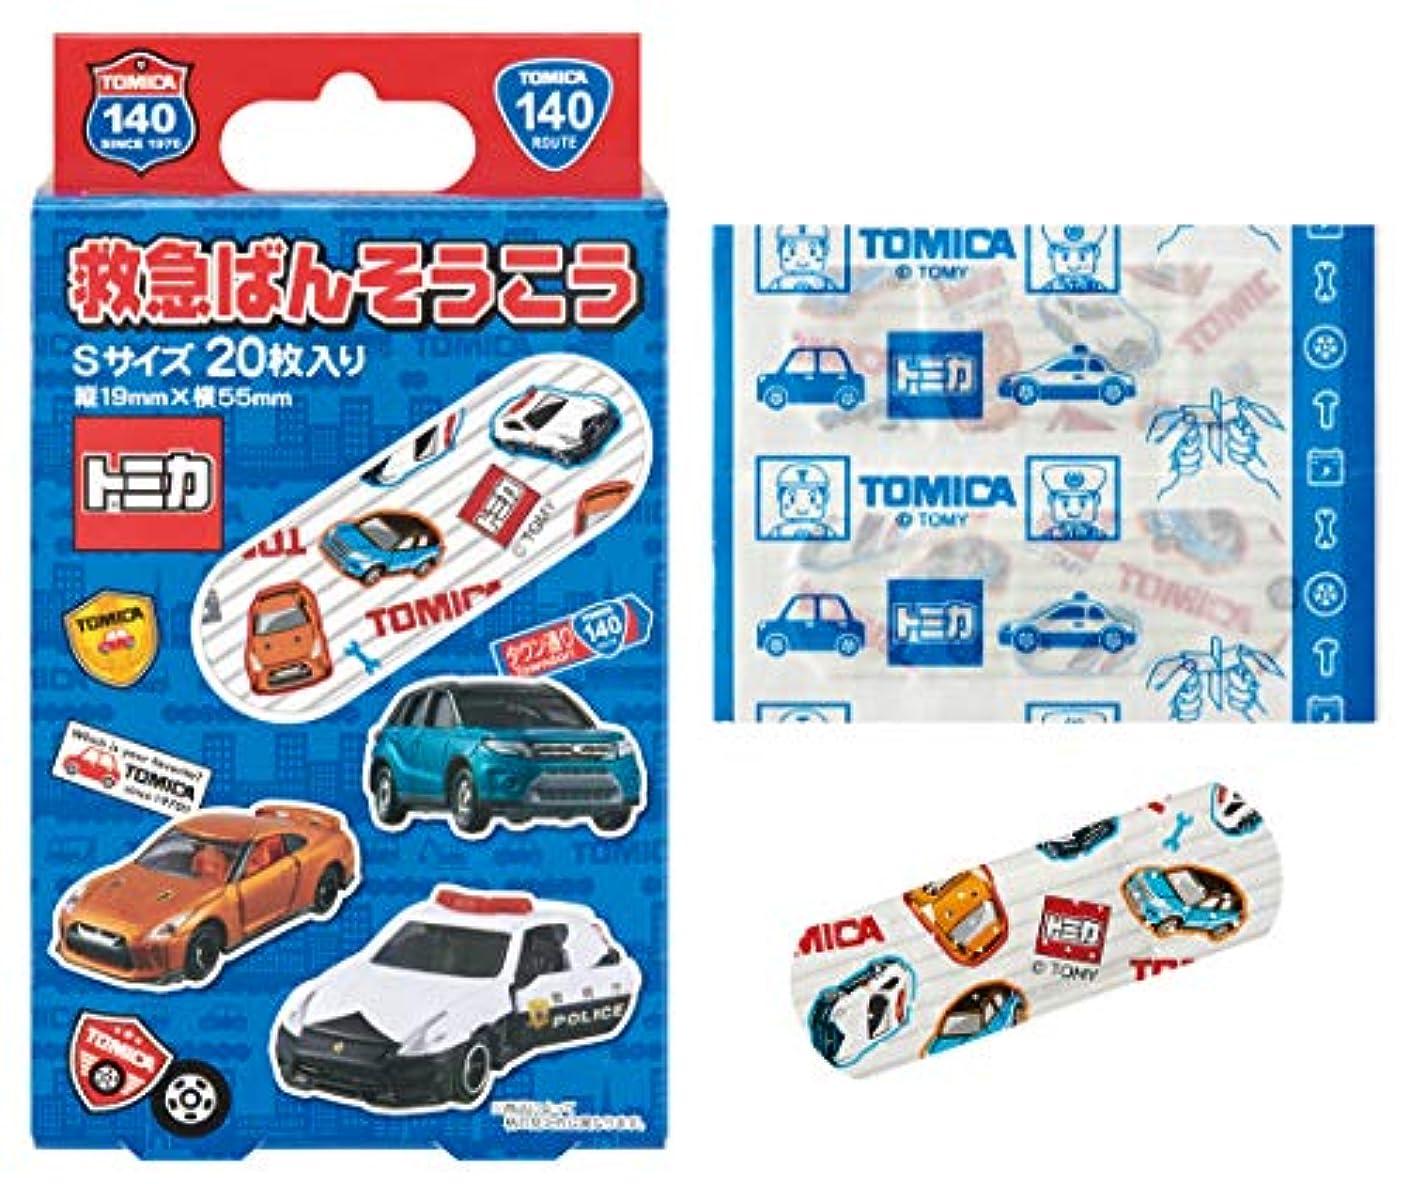 巨大な曲がったペットスケーター 救急 ばんそうこう トミカ Sサイズ 20枚 絆創膏 日本製 QQB2